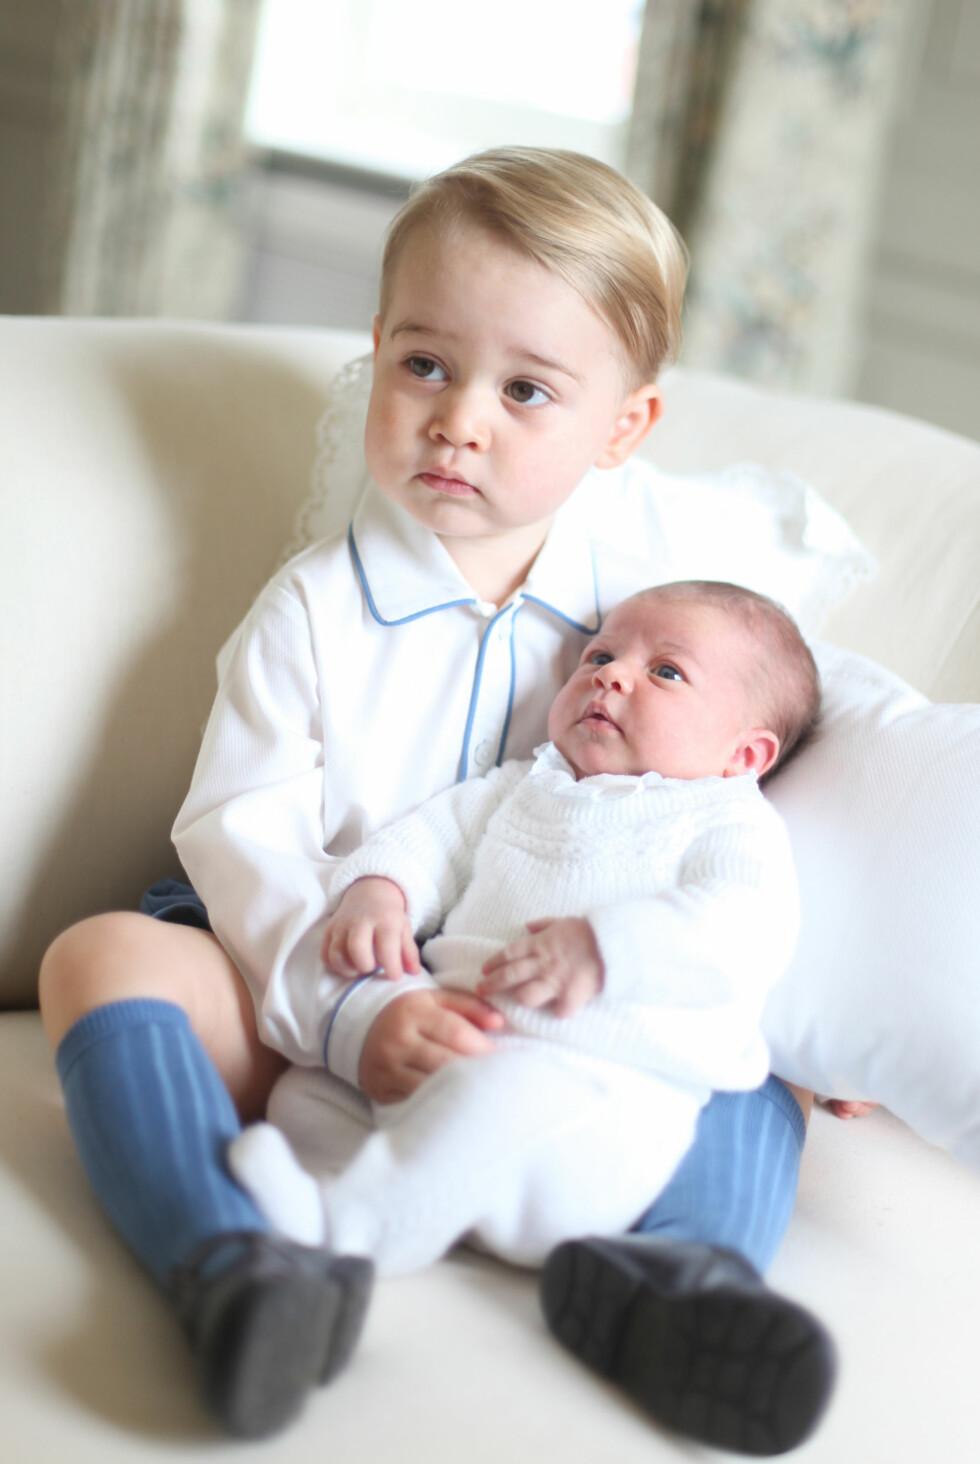 PRIVAT: Dette bildet delte kongefamilien på twitter. Foto: Ap